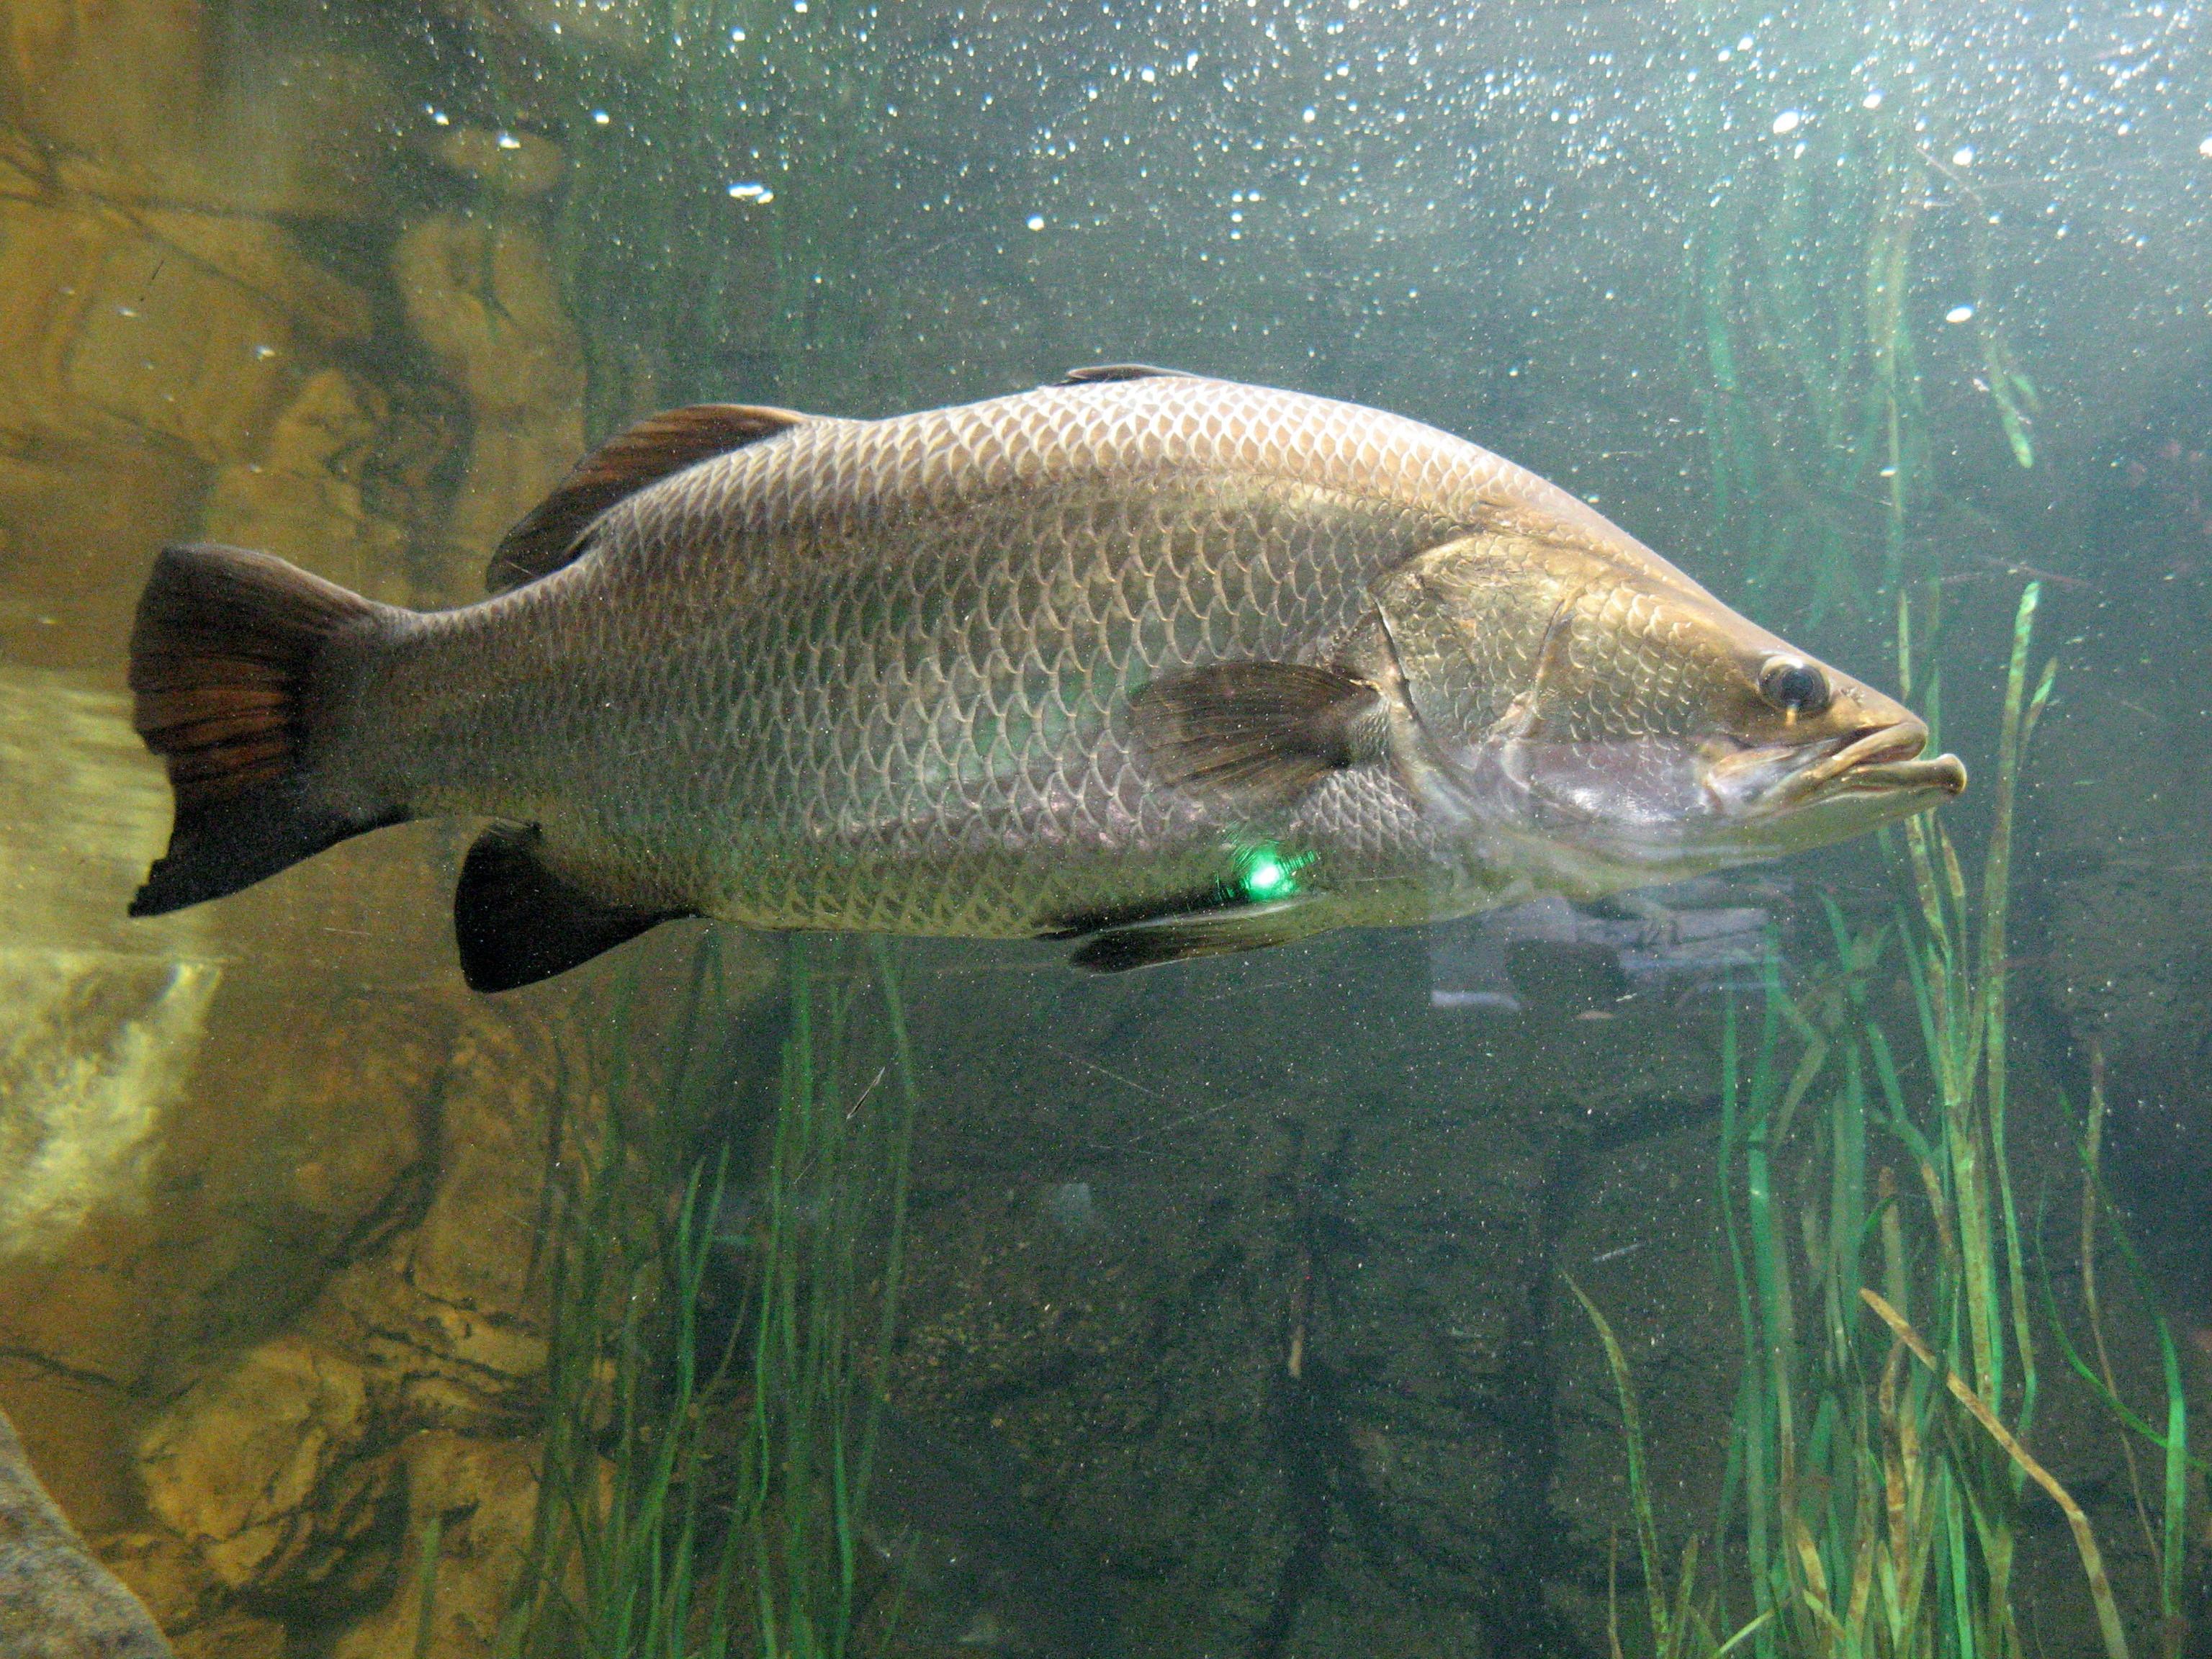 ทำไมเราไม่สามารถเลี้ยงปลาทะเลในน้ำจืดได้ - สถานแสดงพันธุ์สัตว์น้ำ ...